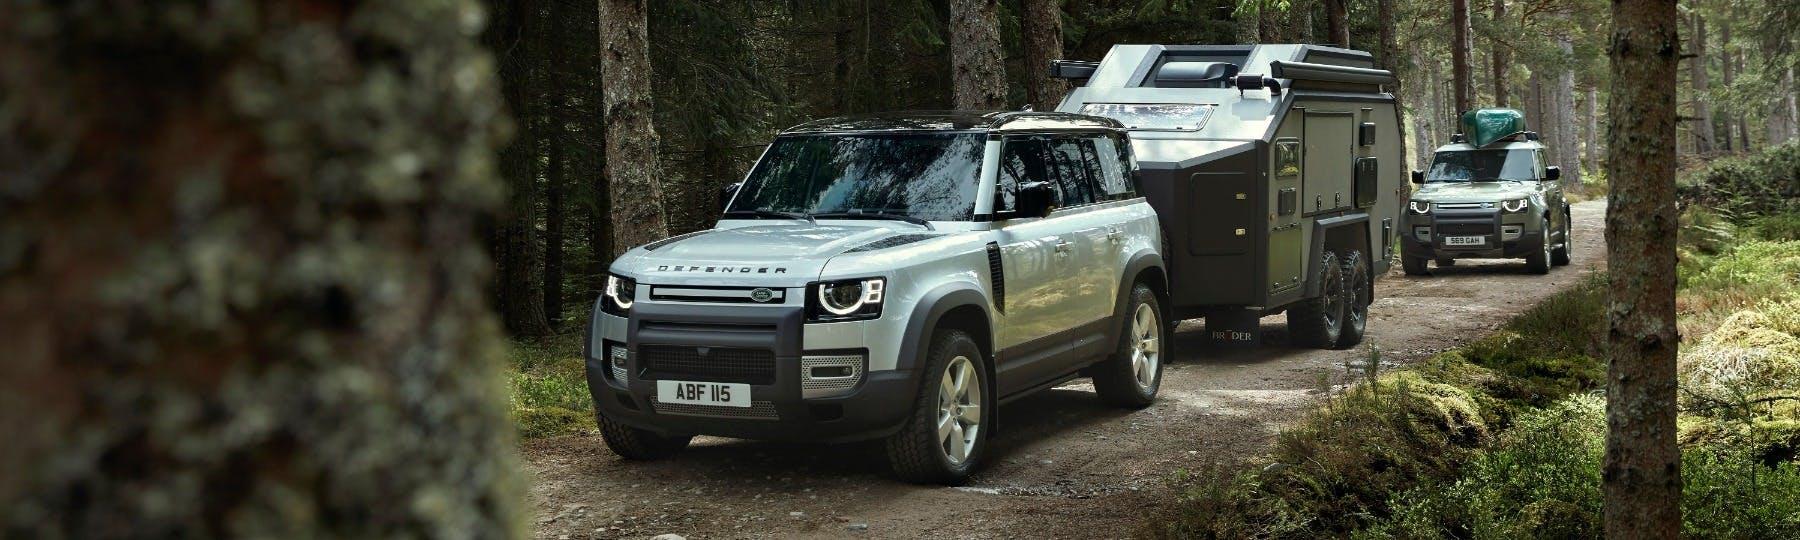 land rover Defender 110 New Car Offer